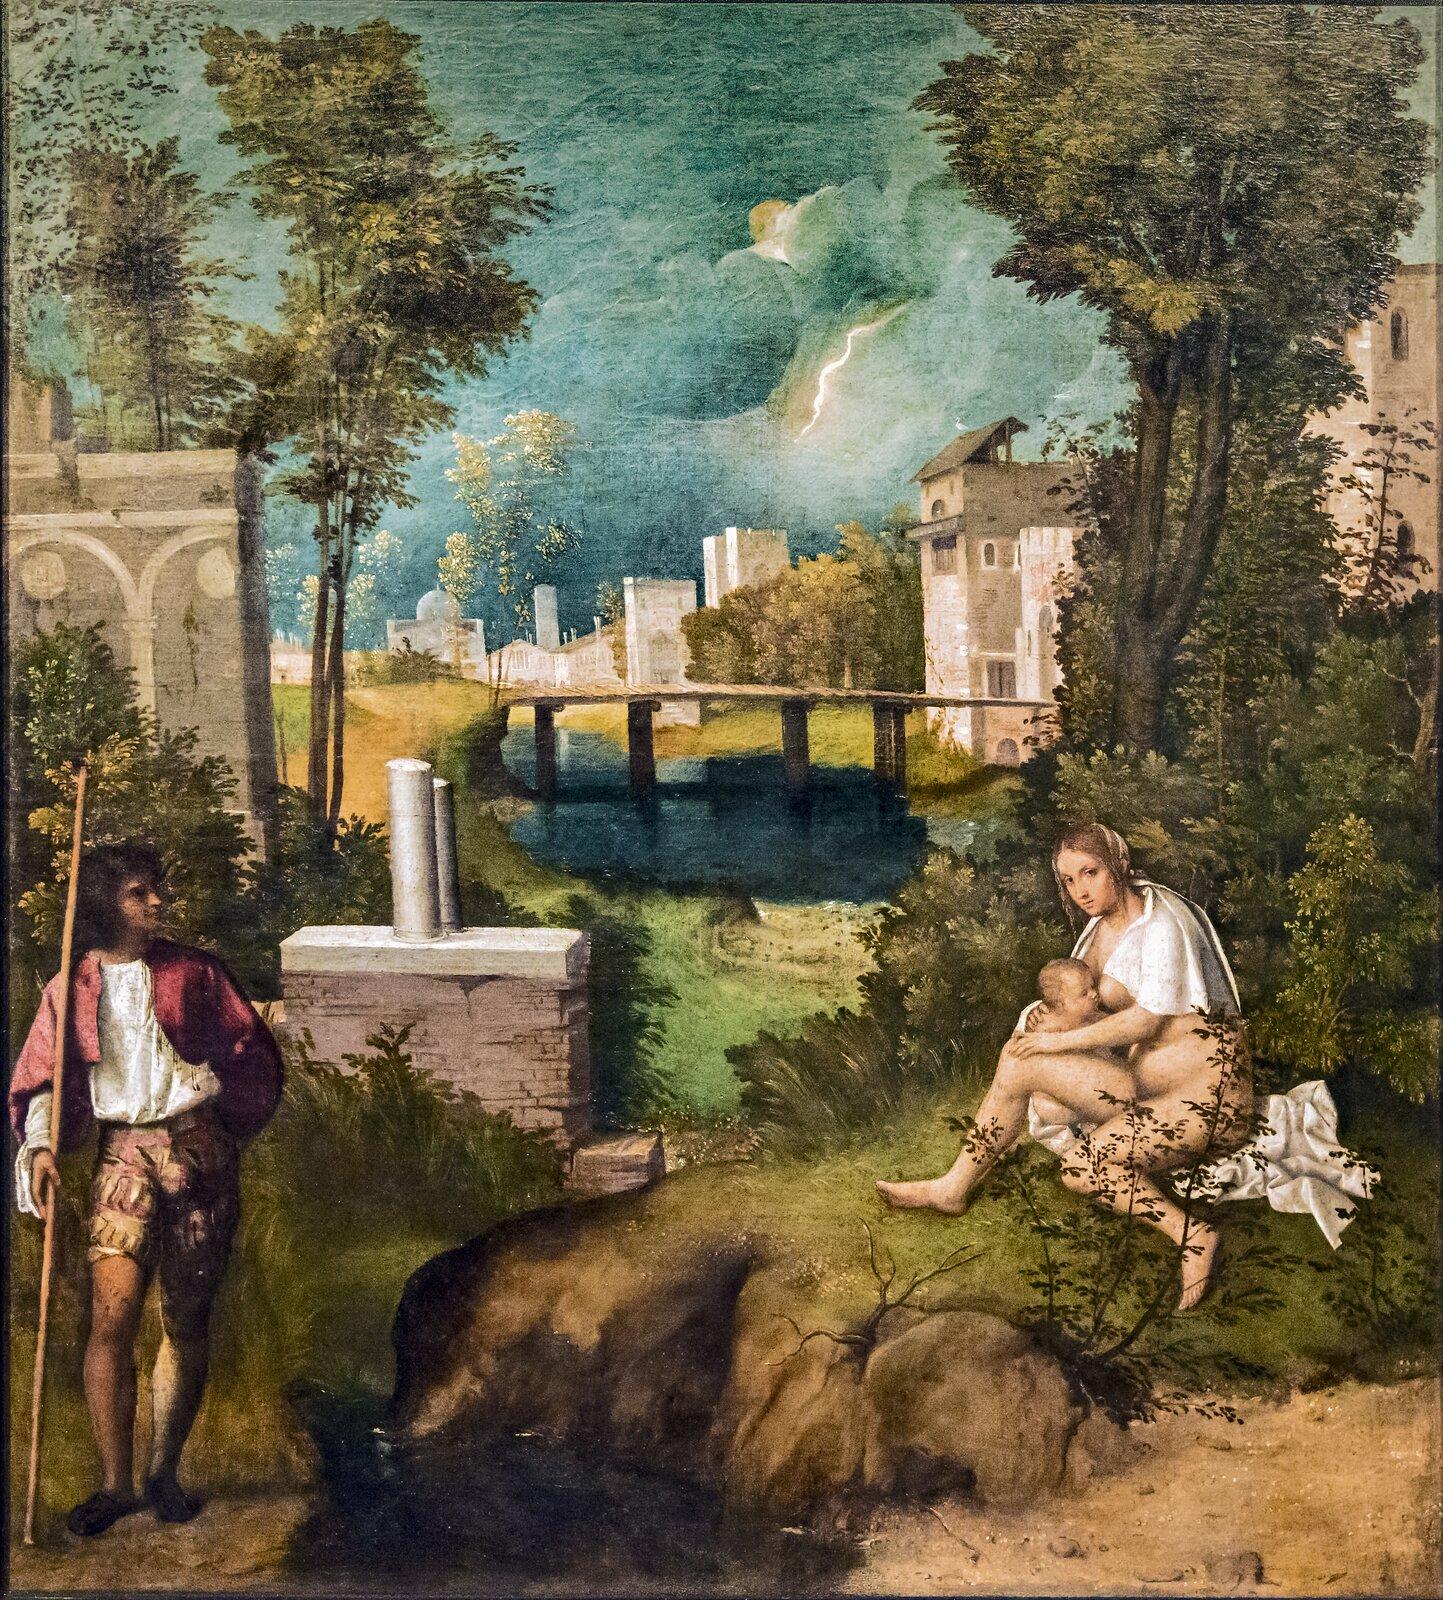 """Ilustracja interaktywna okształcie pionowego prostokąta przedstawia obraz Giorgione'a """"Burza"""". Ukazuje pejzaż zpostaciami. Niebo jest ciemne, zkłębiącymi się, burzowymi chmurami. Po prawej stronie siedzi kobieta karmiąca piersią dziecko. Jest naga, ma na sobie tylko przerzuconą przez ramiona białą chustę. Twarz kieruje wstronę widza. Po lewej stronie stoi mężczyzna, który patrzy na karmiącą kobietę. Ubrany jest wbiałą koszulę iczerwoną pelerynę. Ma spodnie przed kolana, awprawej ręce trzyma długi kij. Za nimi znajdują się architektoniczne ruiny wstylu antycznym, dalej rzeka zmostem, awtle rozciąga się widok miejski."""